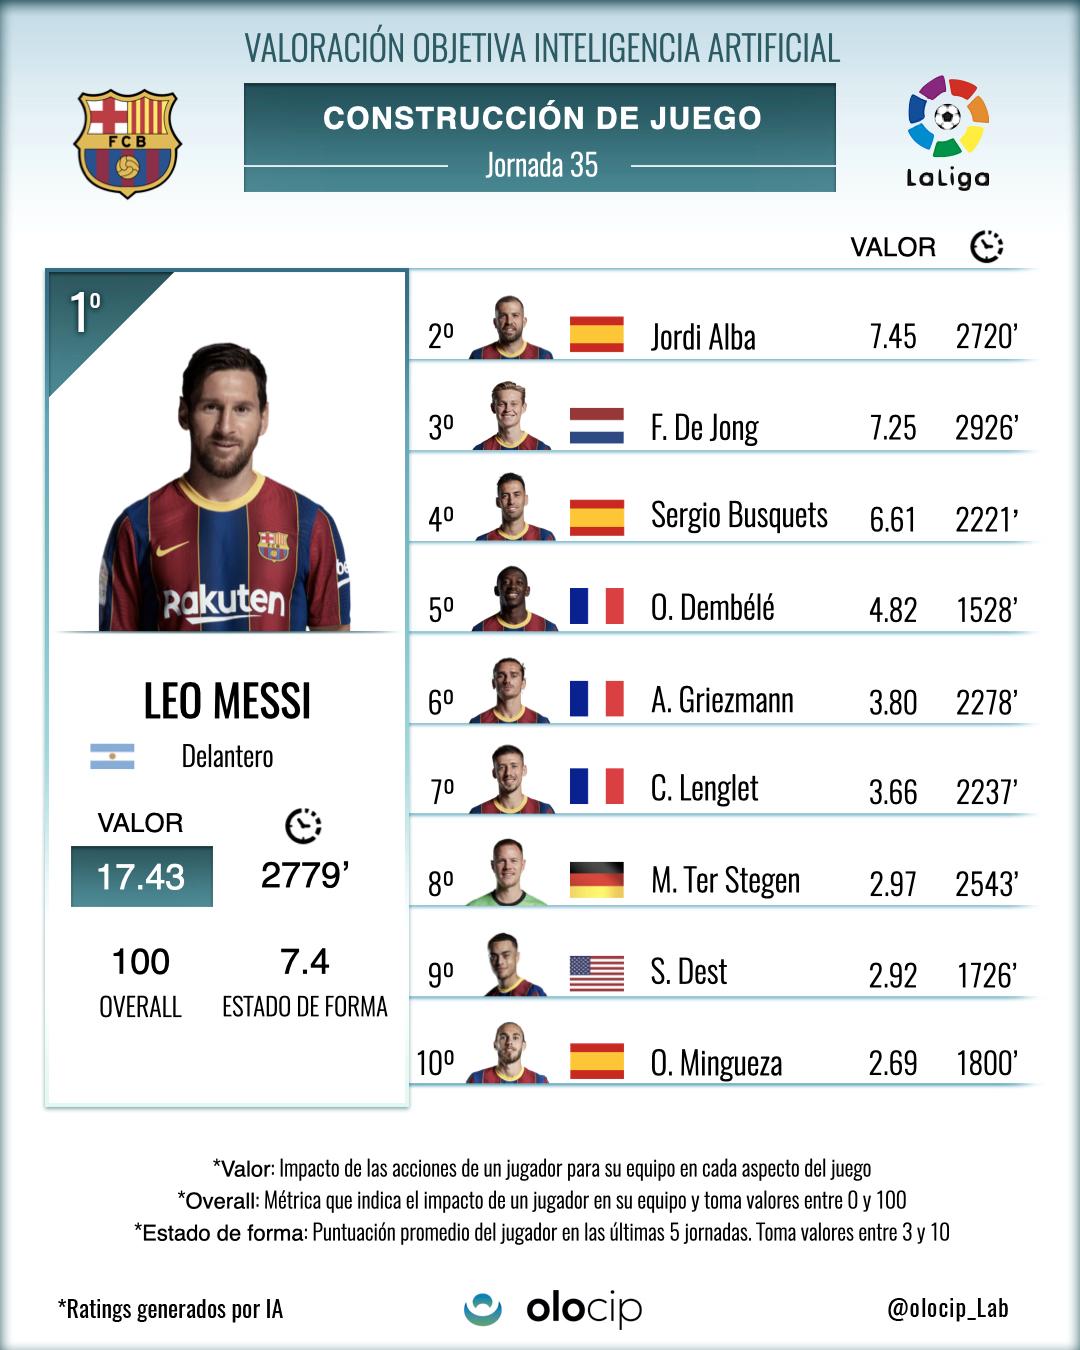 *Top 10 de jugadores del FCB que más valor han aportado a su equipo con acciones de construcción de juego